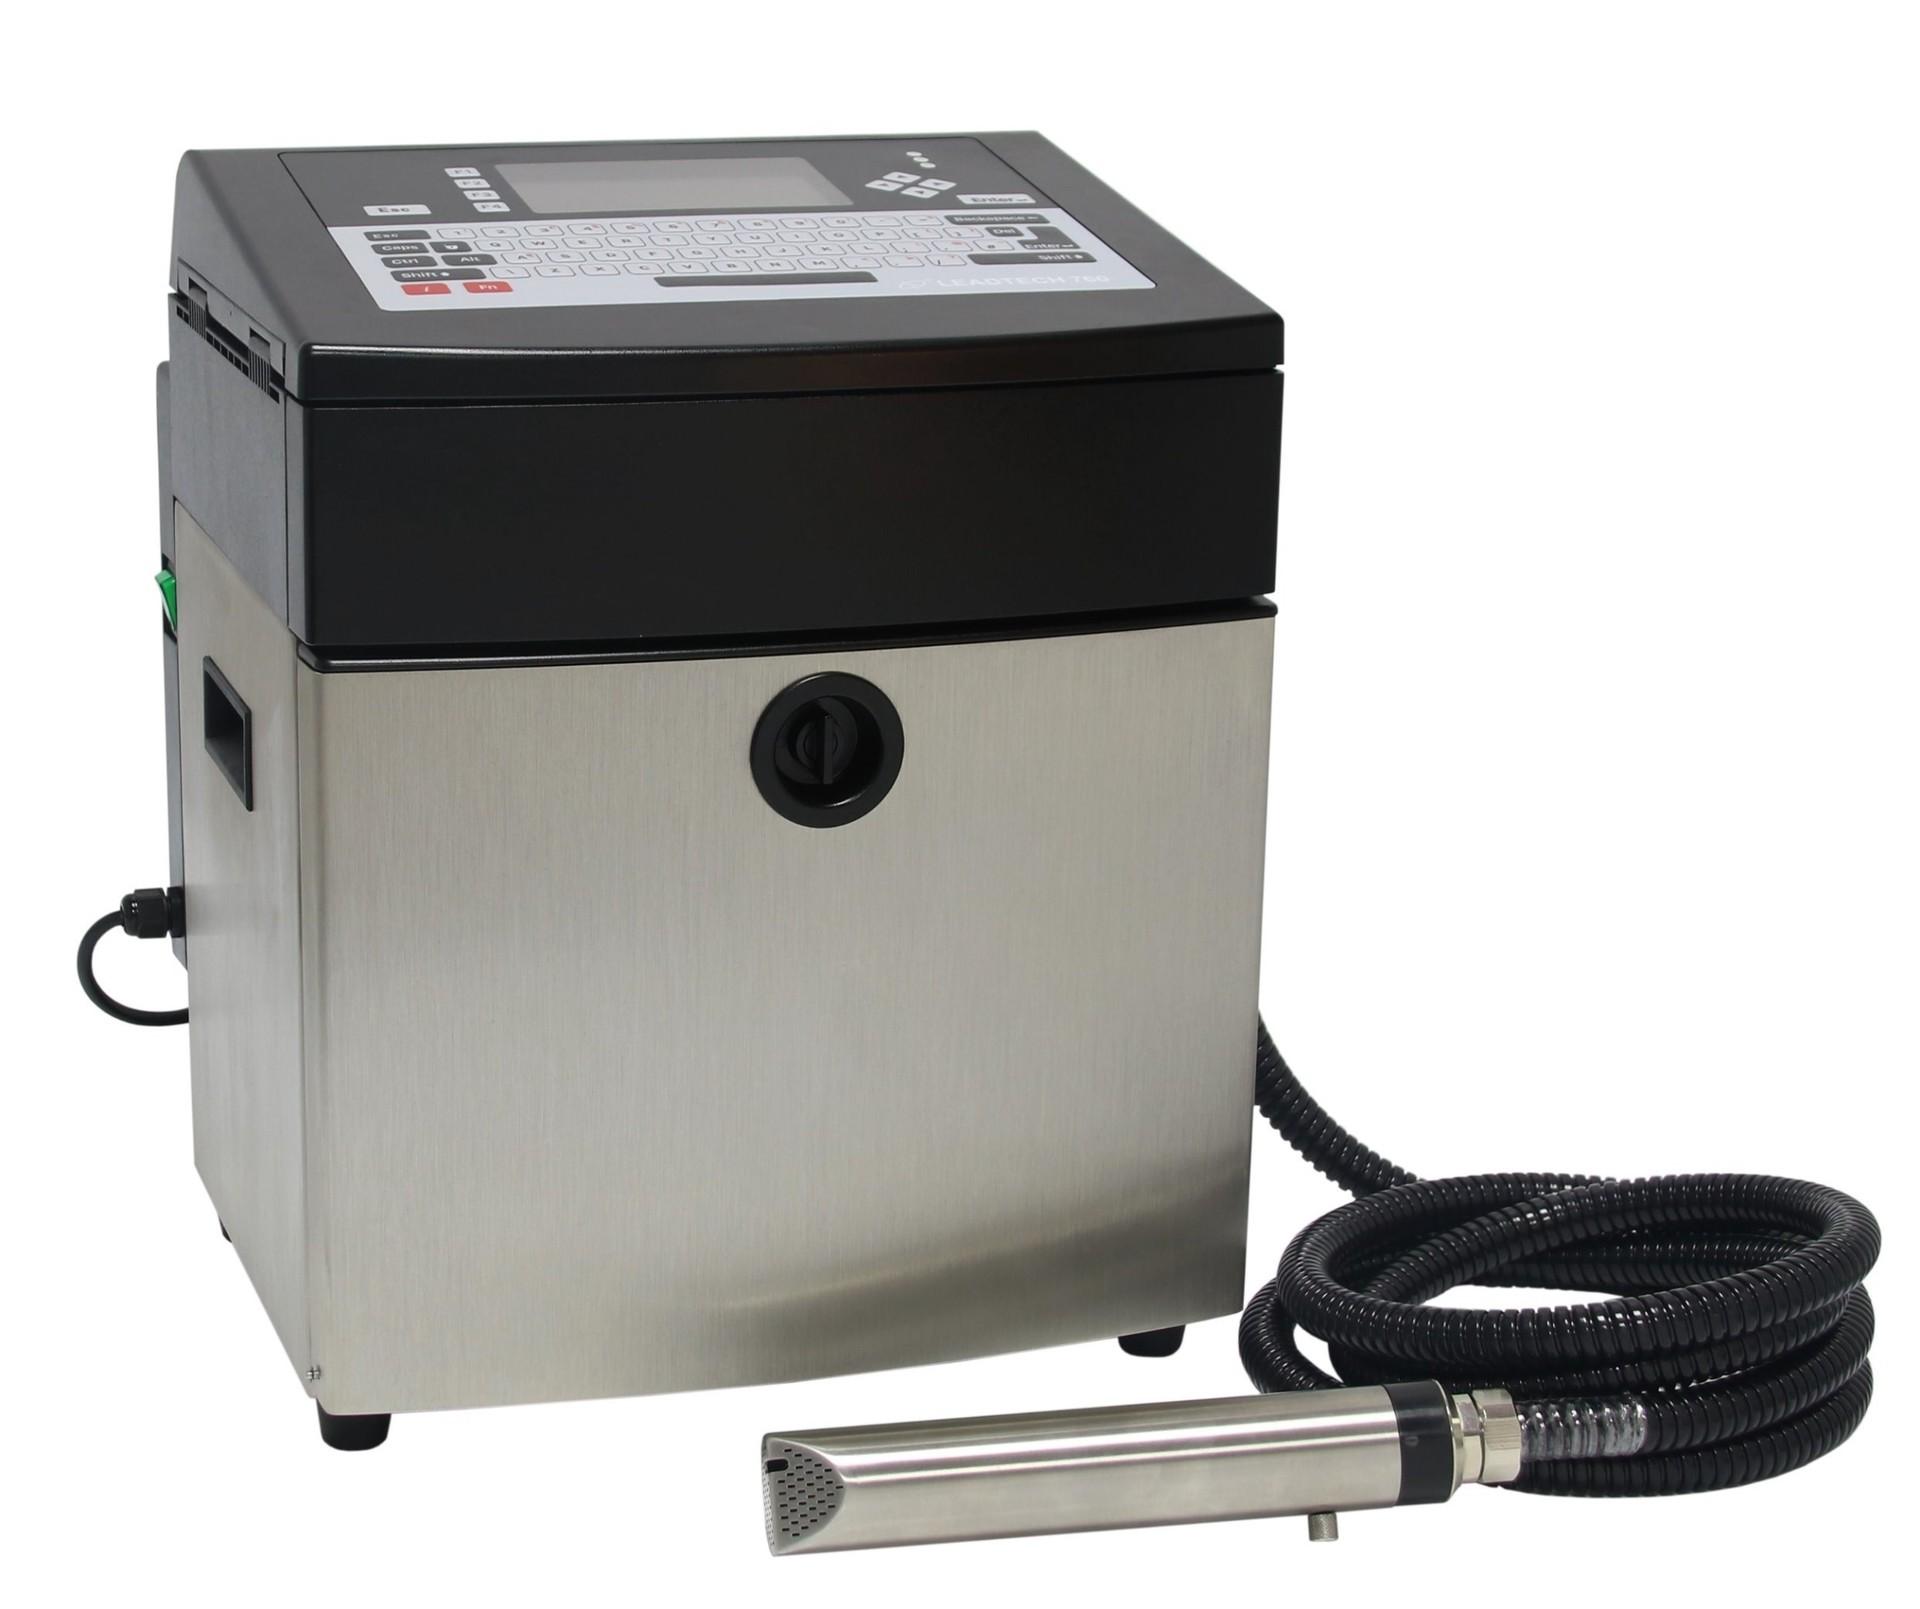 Lead Tech Lt760 Cij Inkjet Printer for Plastic film